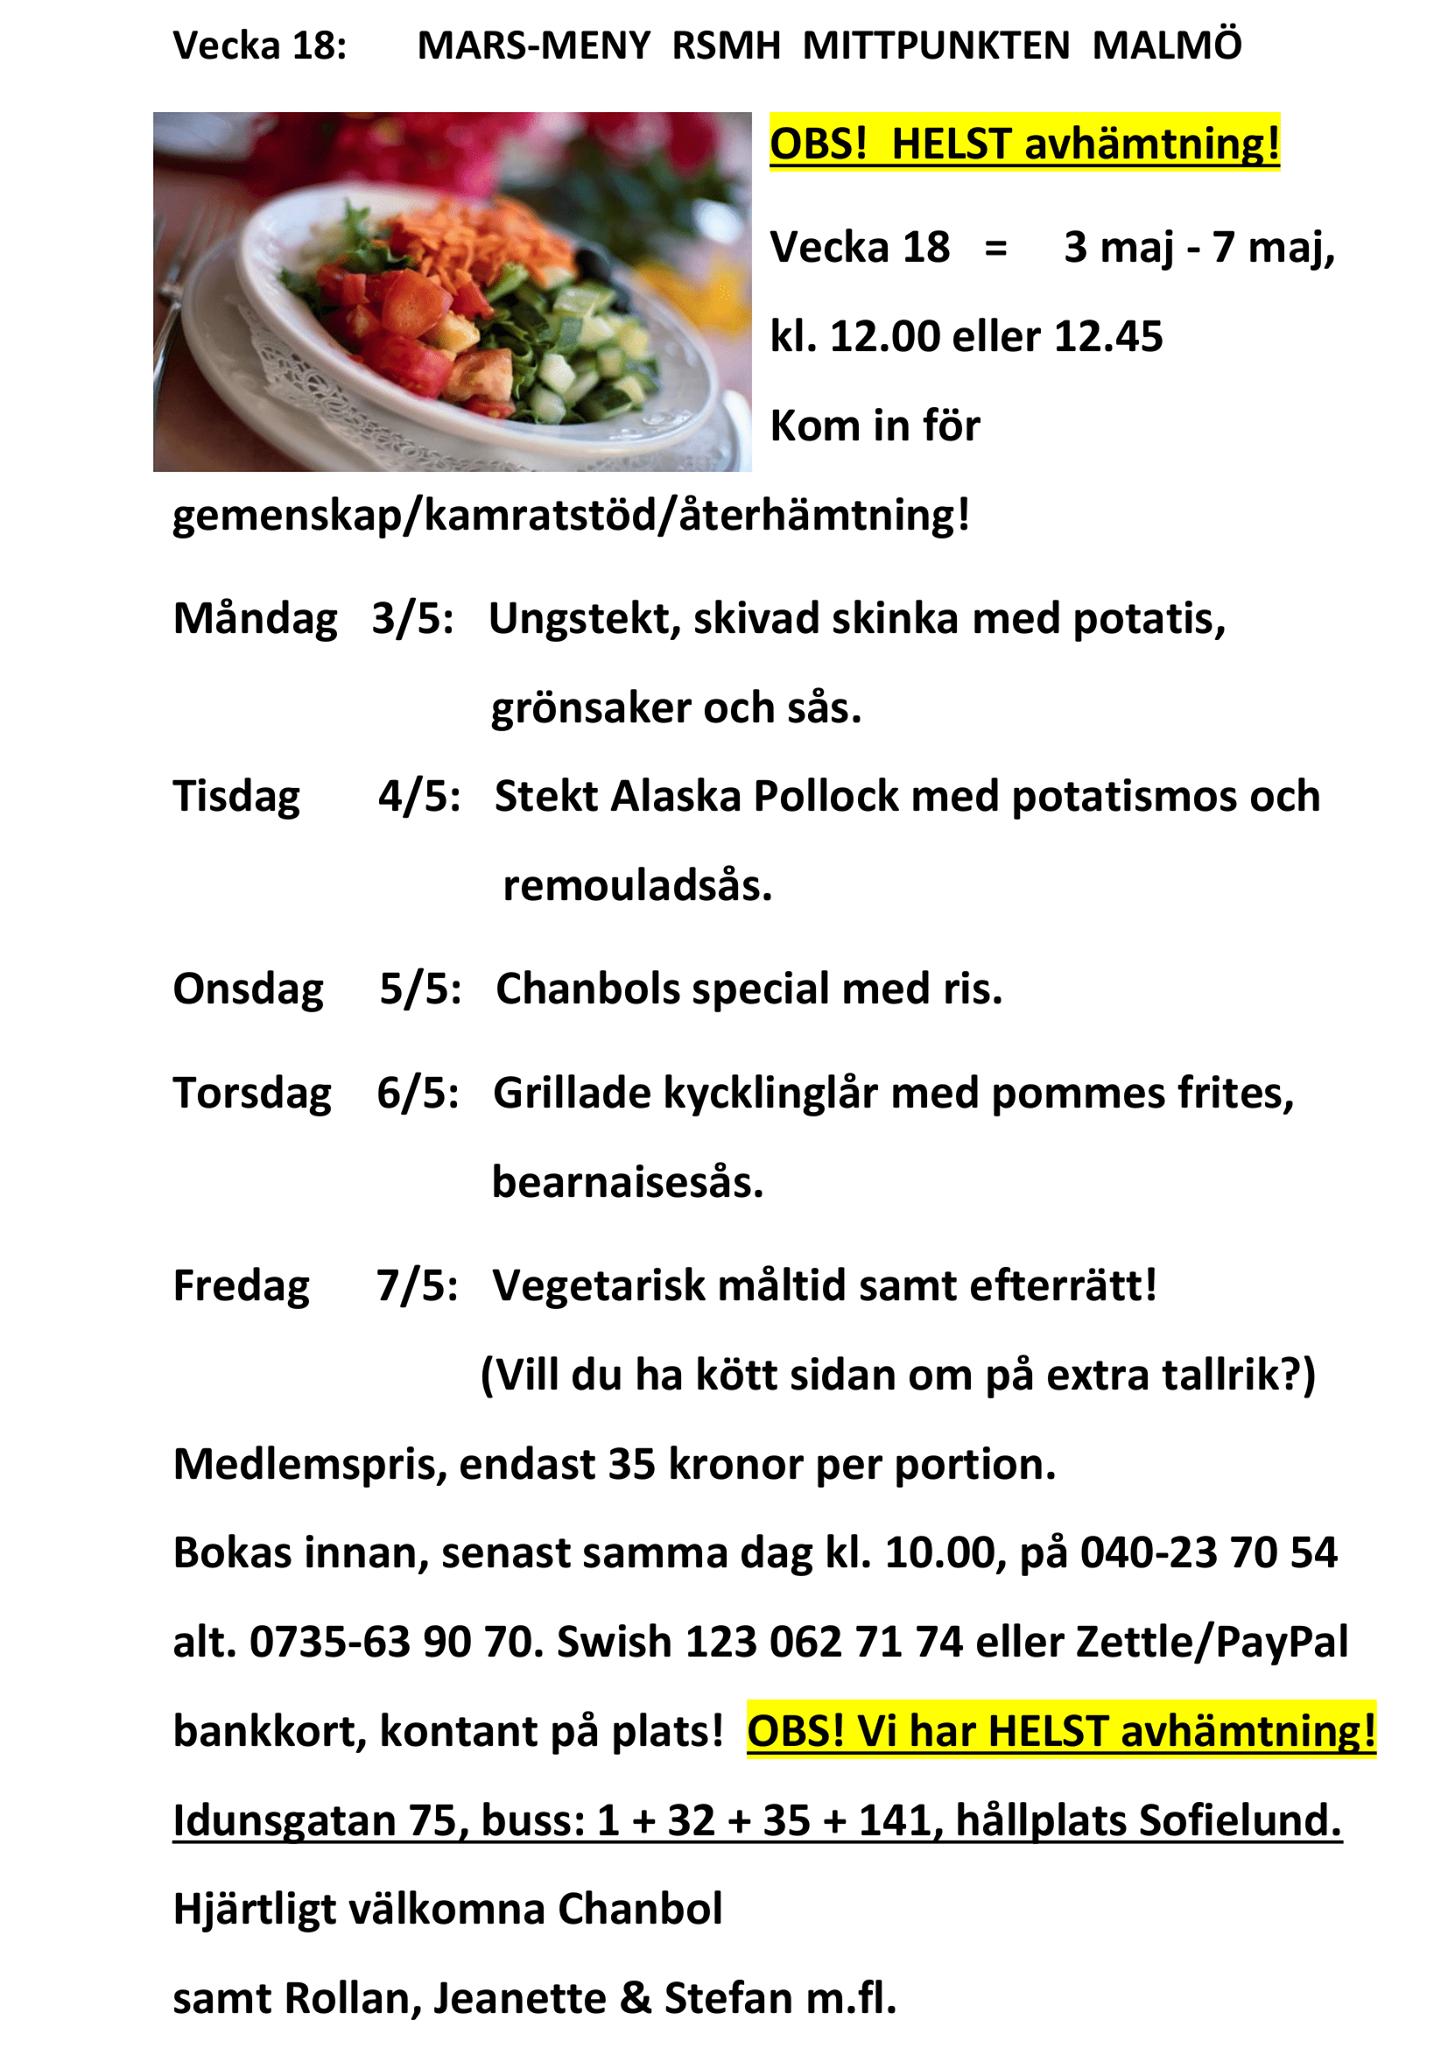 LUNCH-MENY 35 kronor i Malmö